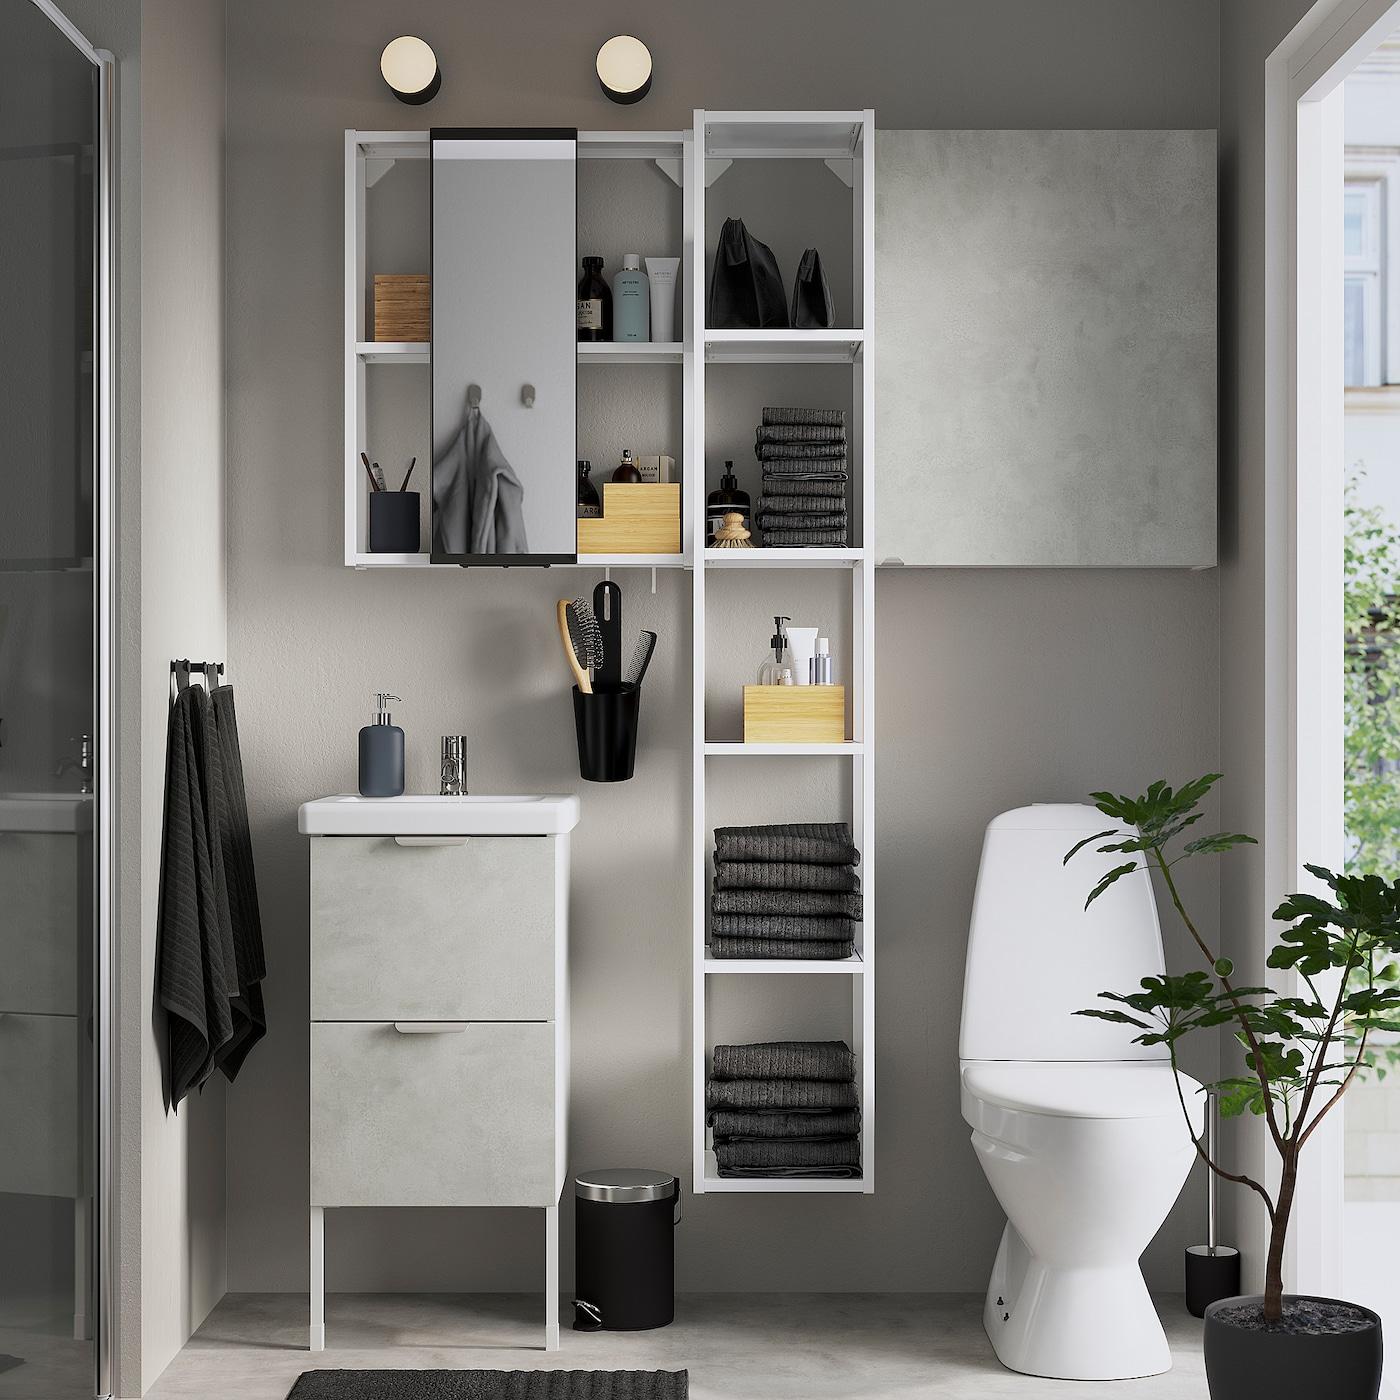 ENHET / TVÄLLEN أثاث حمام، طقم من 16, تأثيرات ماديّة./أبيض حنفية Pilkån, 44x43x87 سم